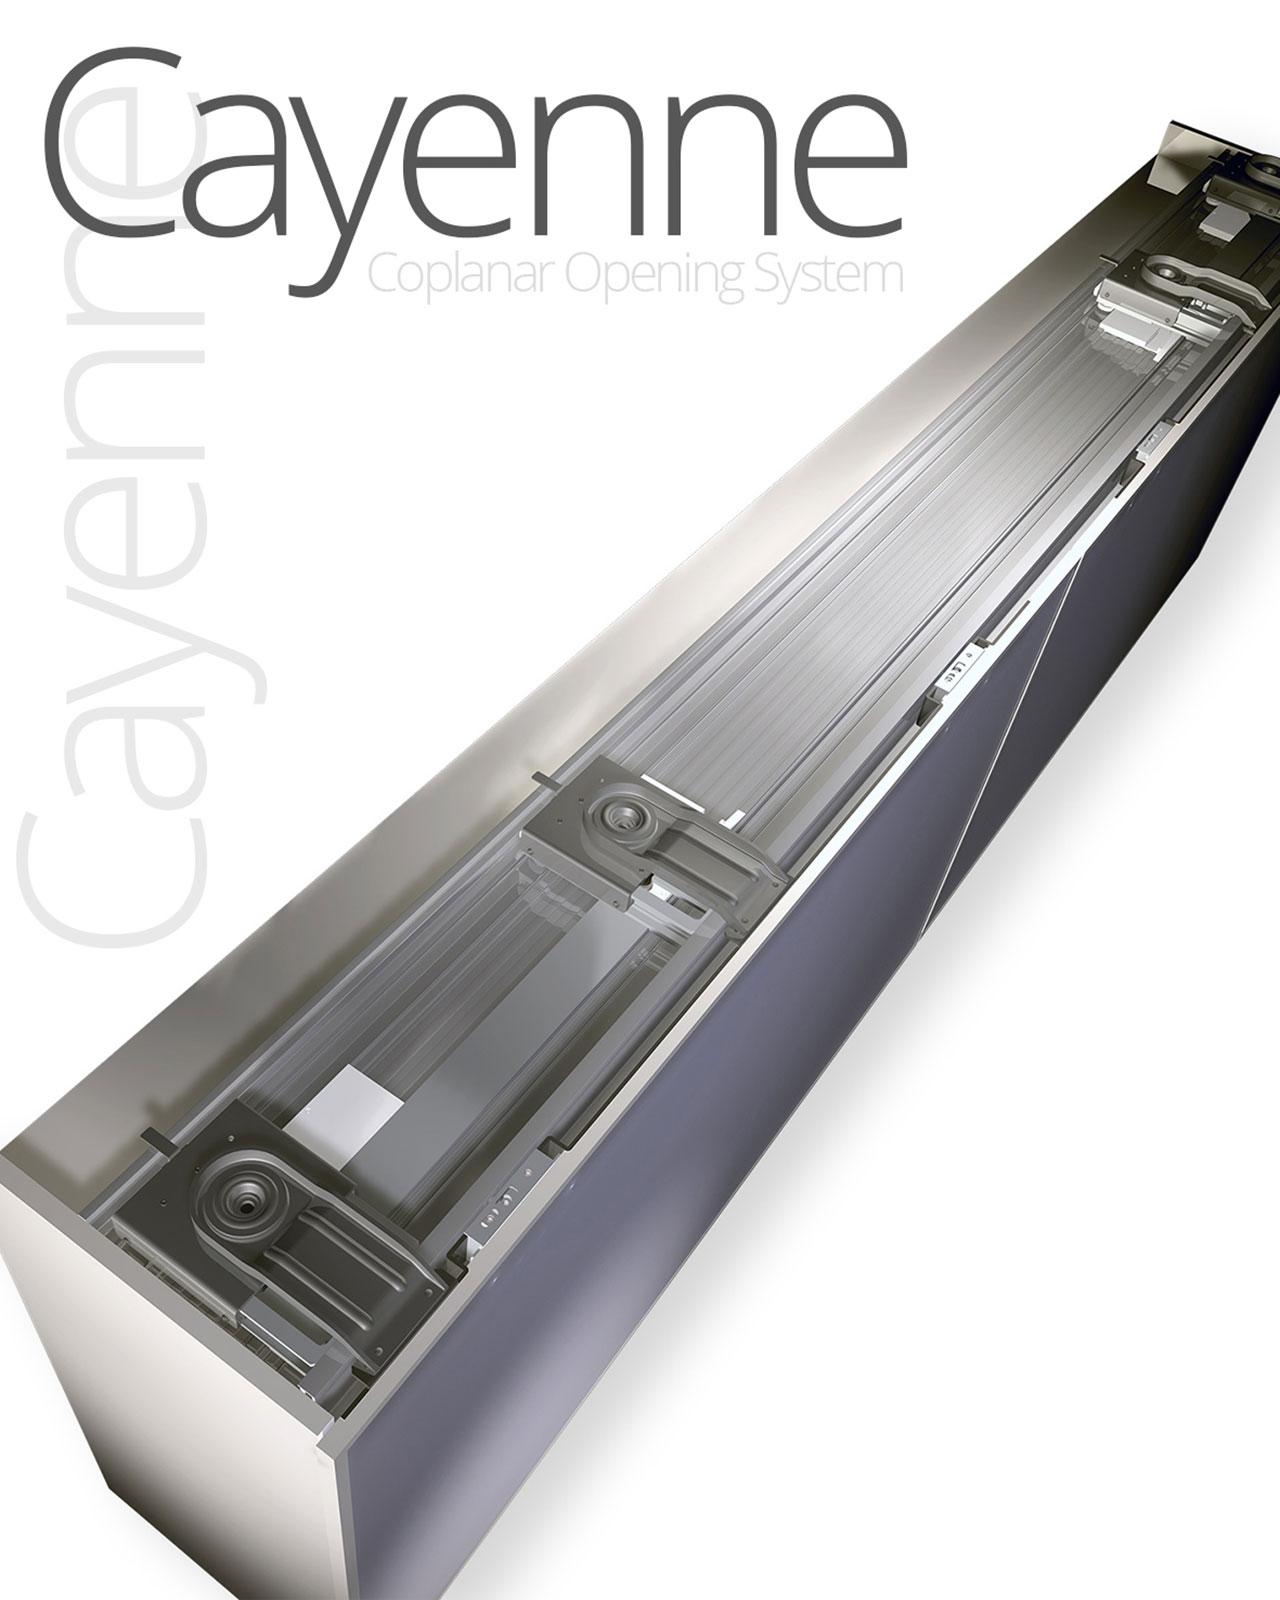 cayenne-20x25